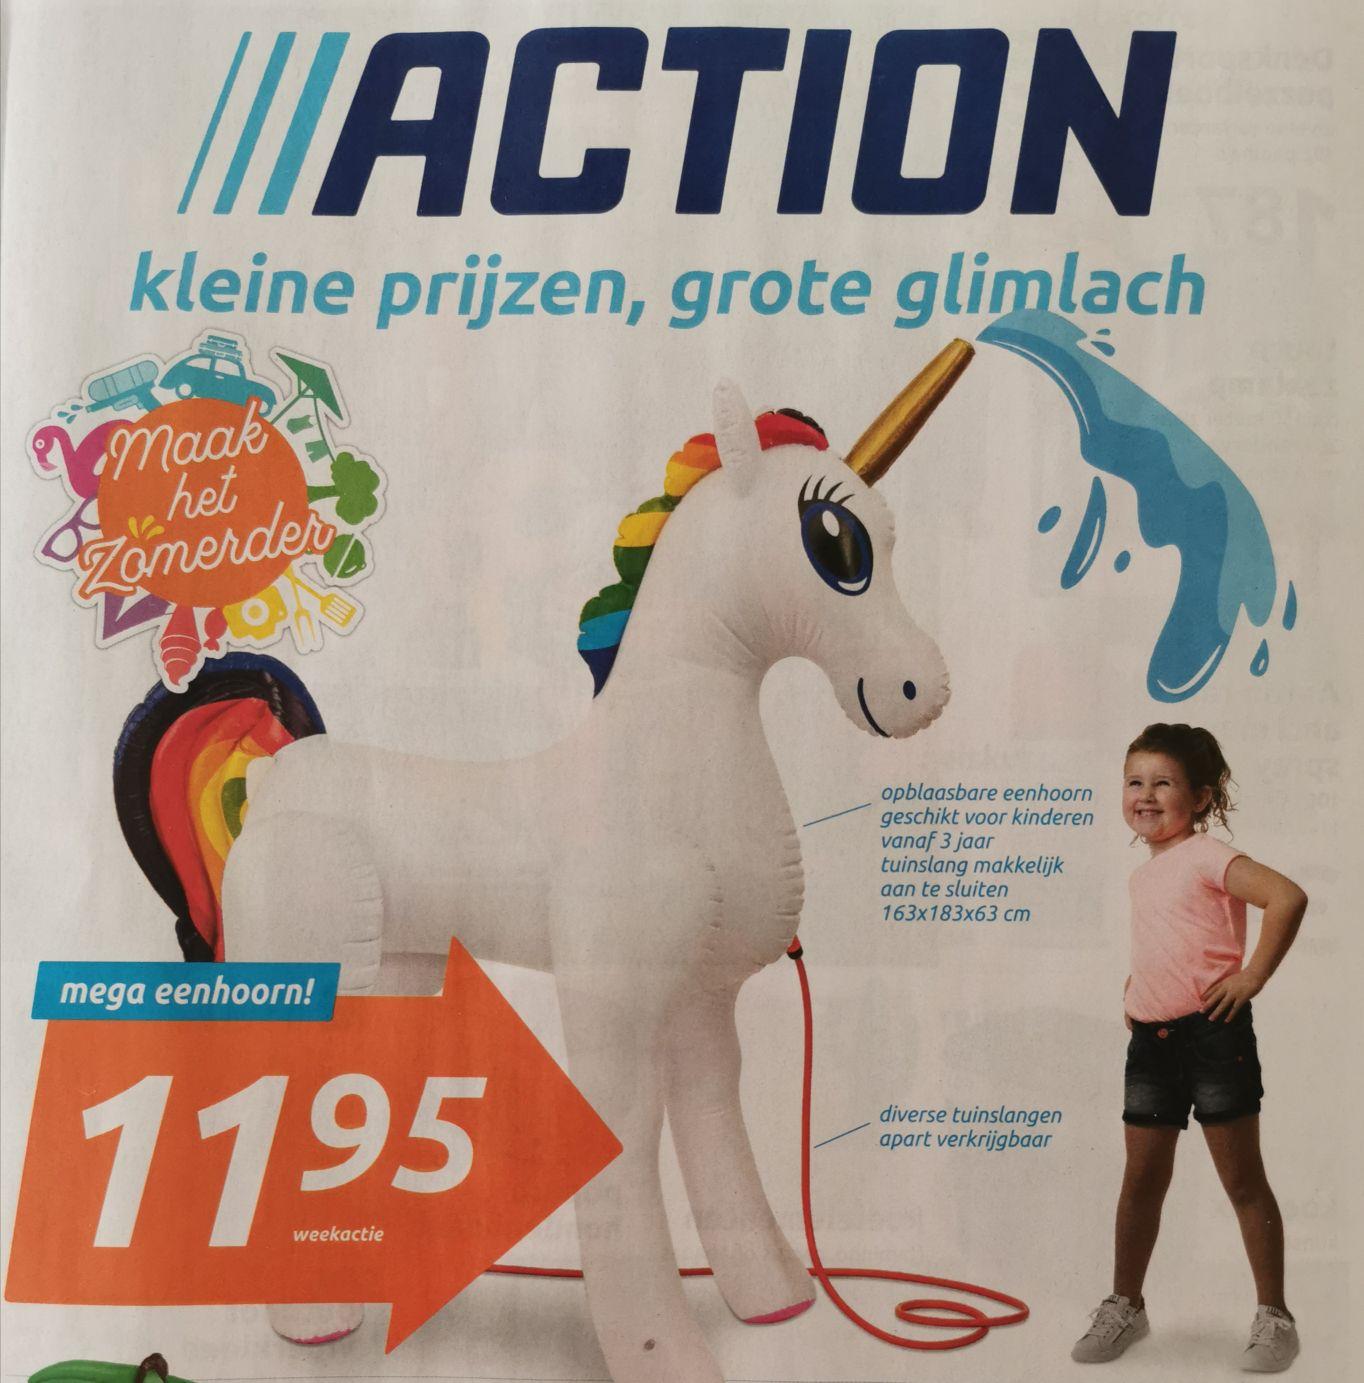 Mega opblaasbare eenhoorn die water uit de hoorn kan spuiten voor € 11,95 @action